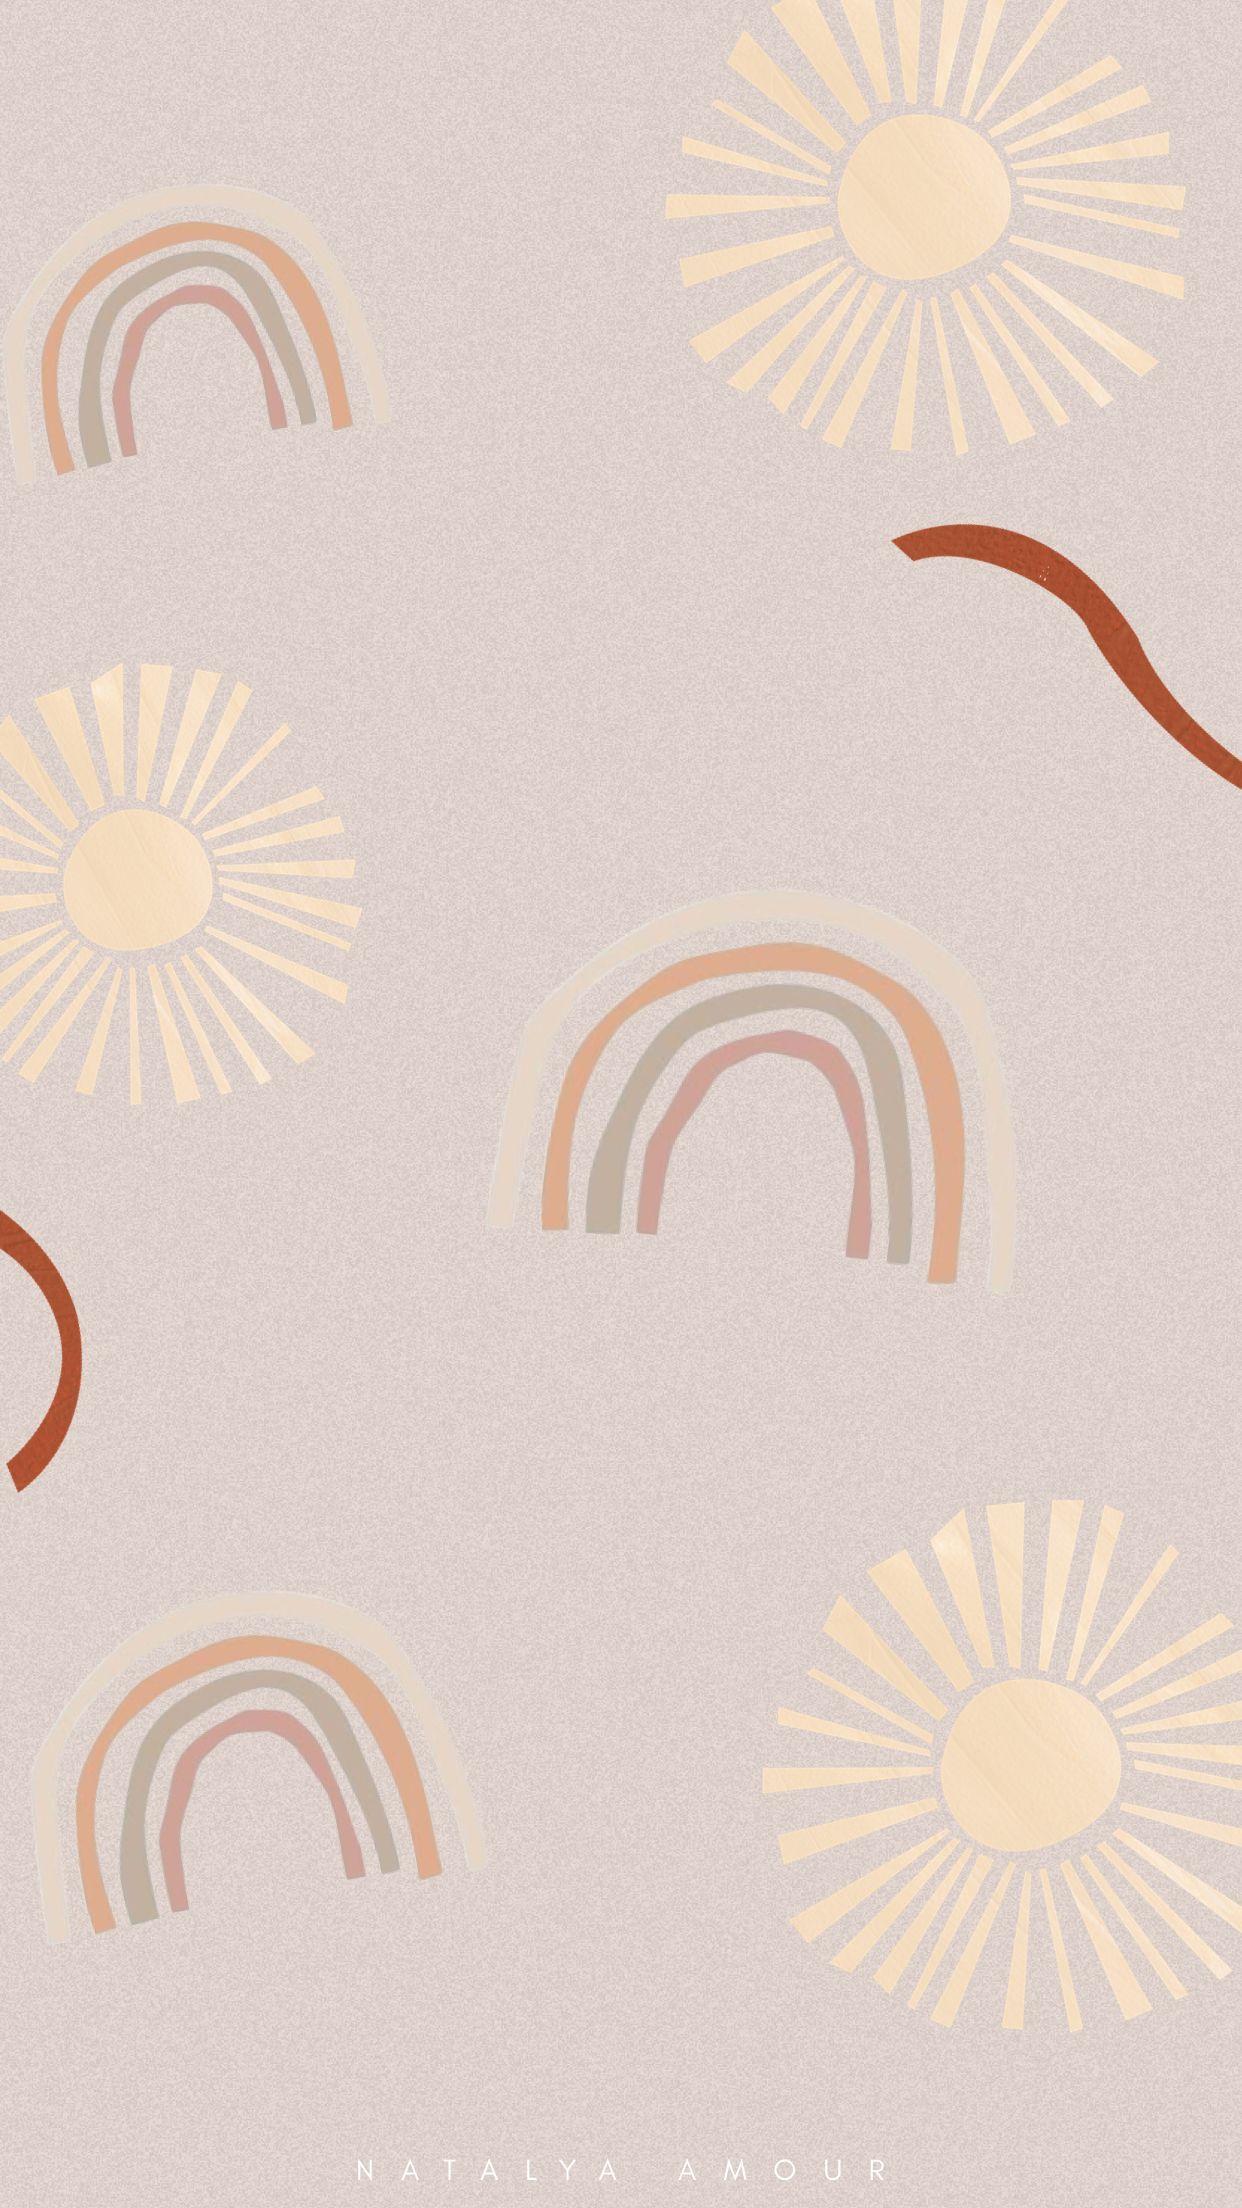 1242x2208 January Wallpaper Freebies in 2020. Hình nền iphone thẩm mỹ, Hình nền iphone, Hình nền iphone miễn phí